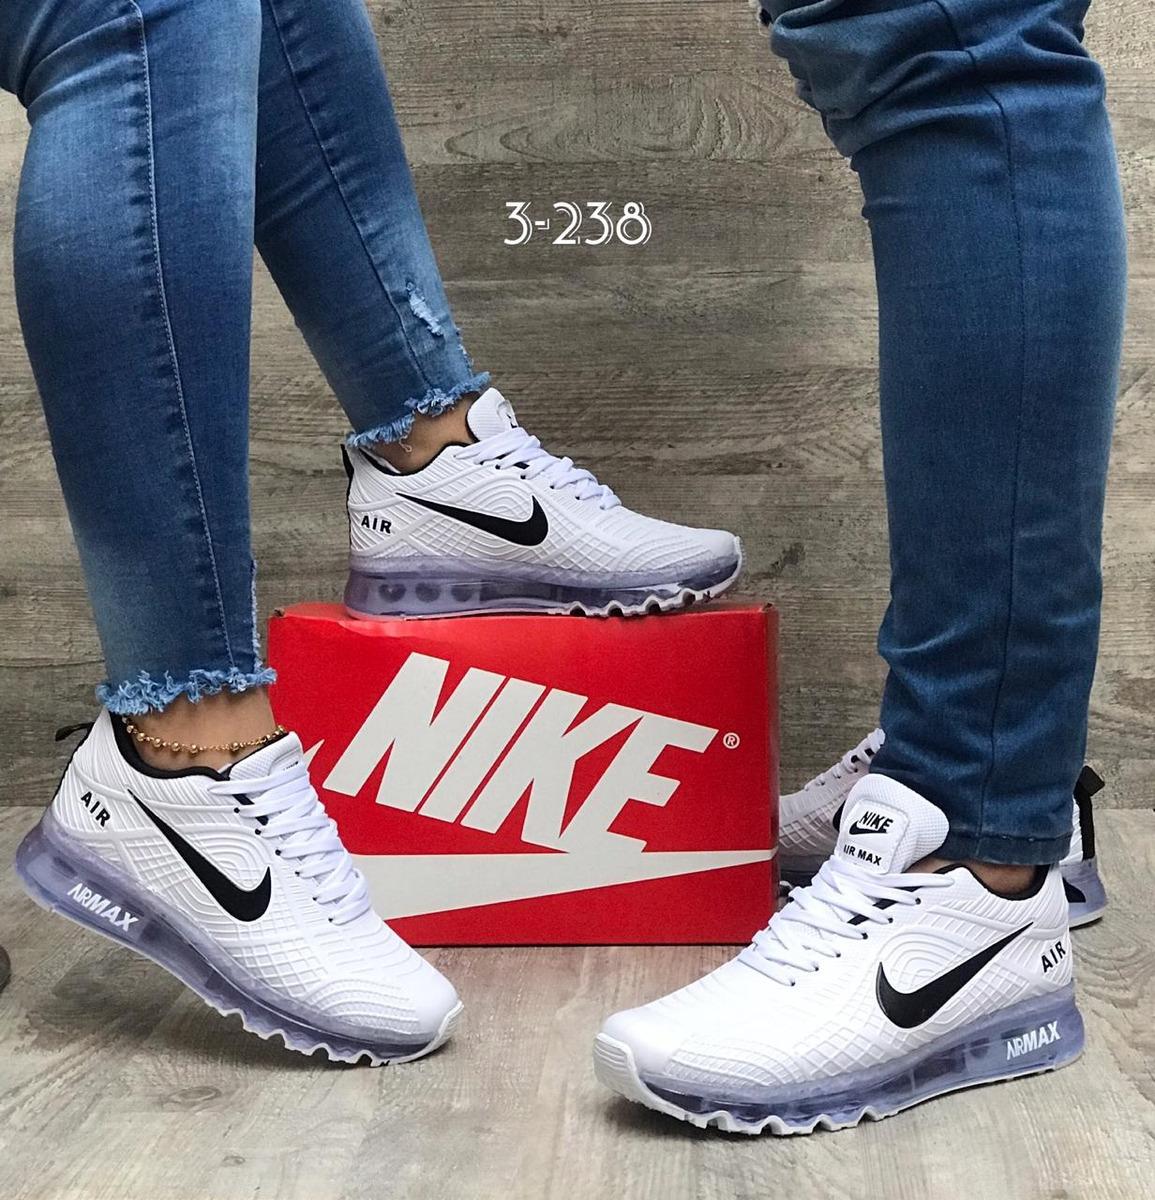 Zapatos Nike Air Max Modelos Nuevos